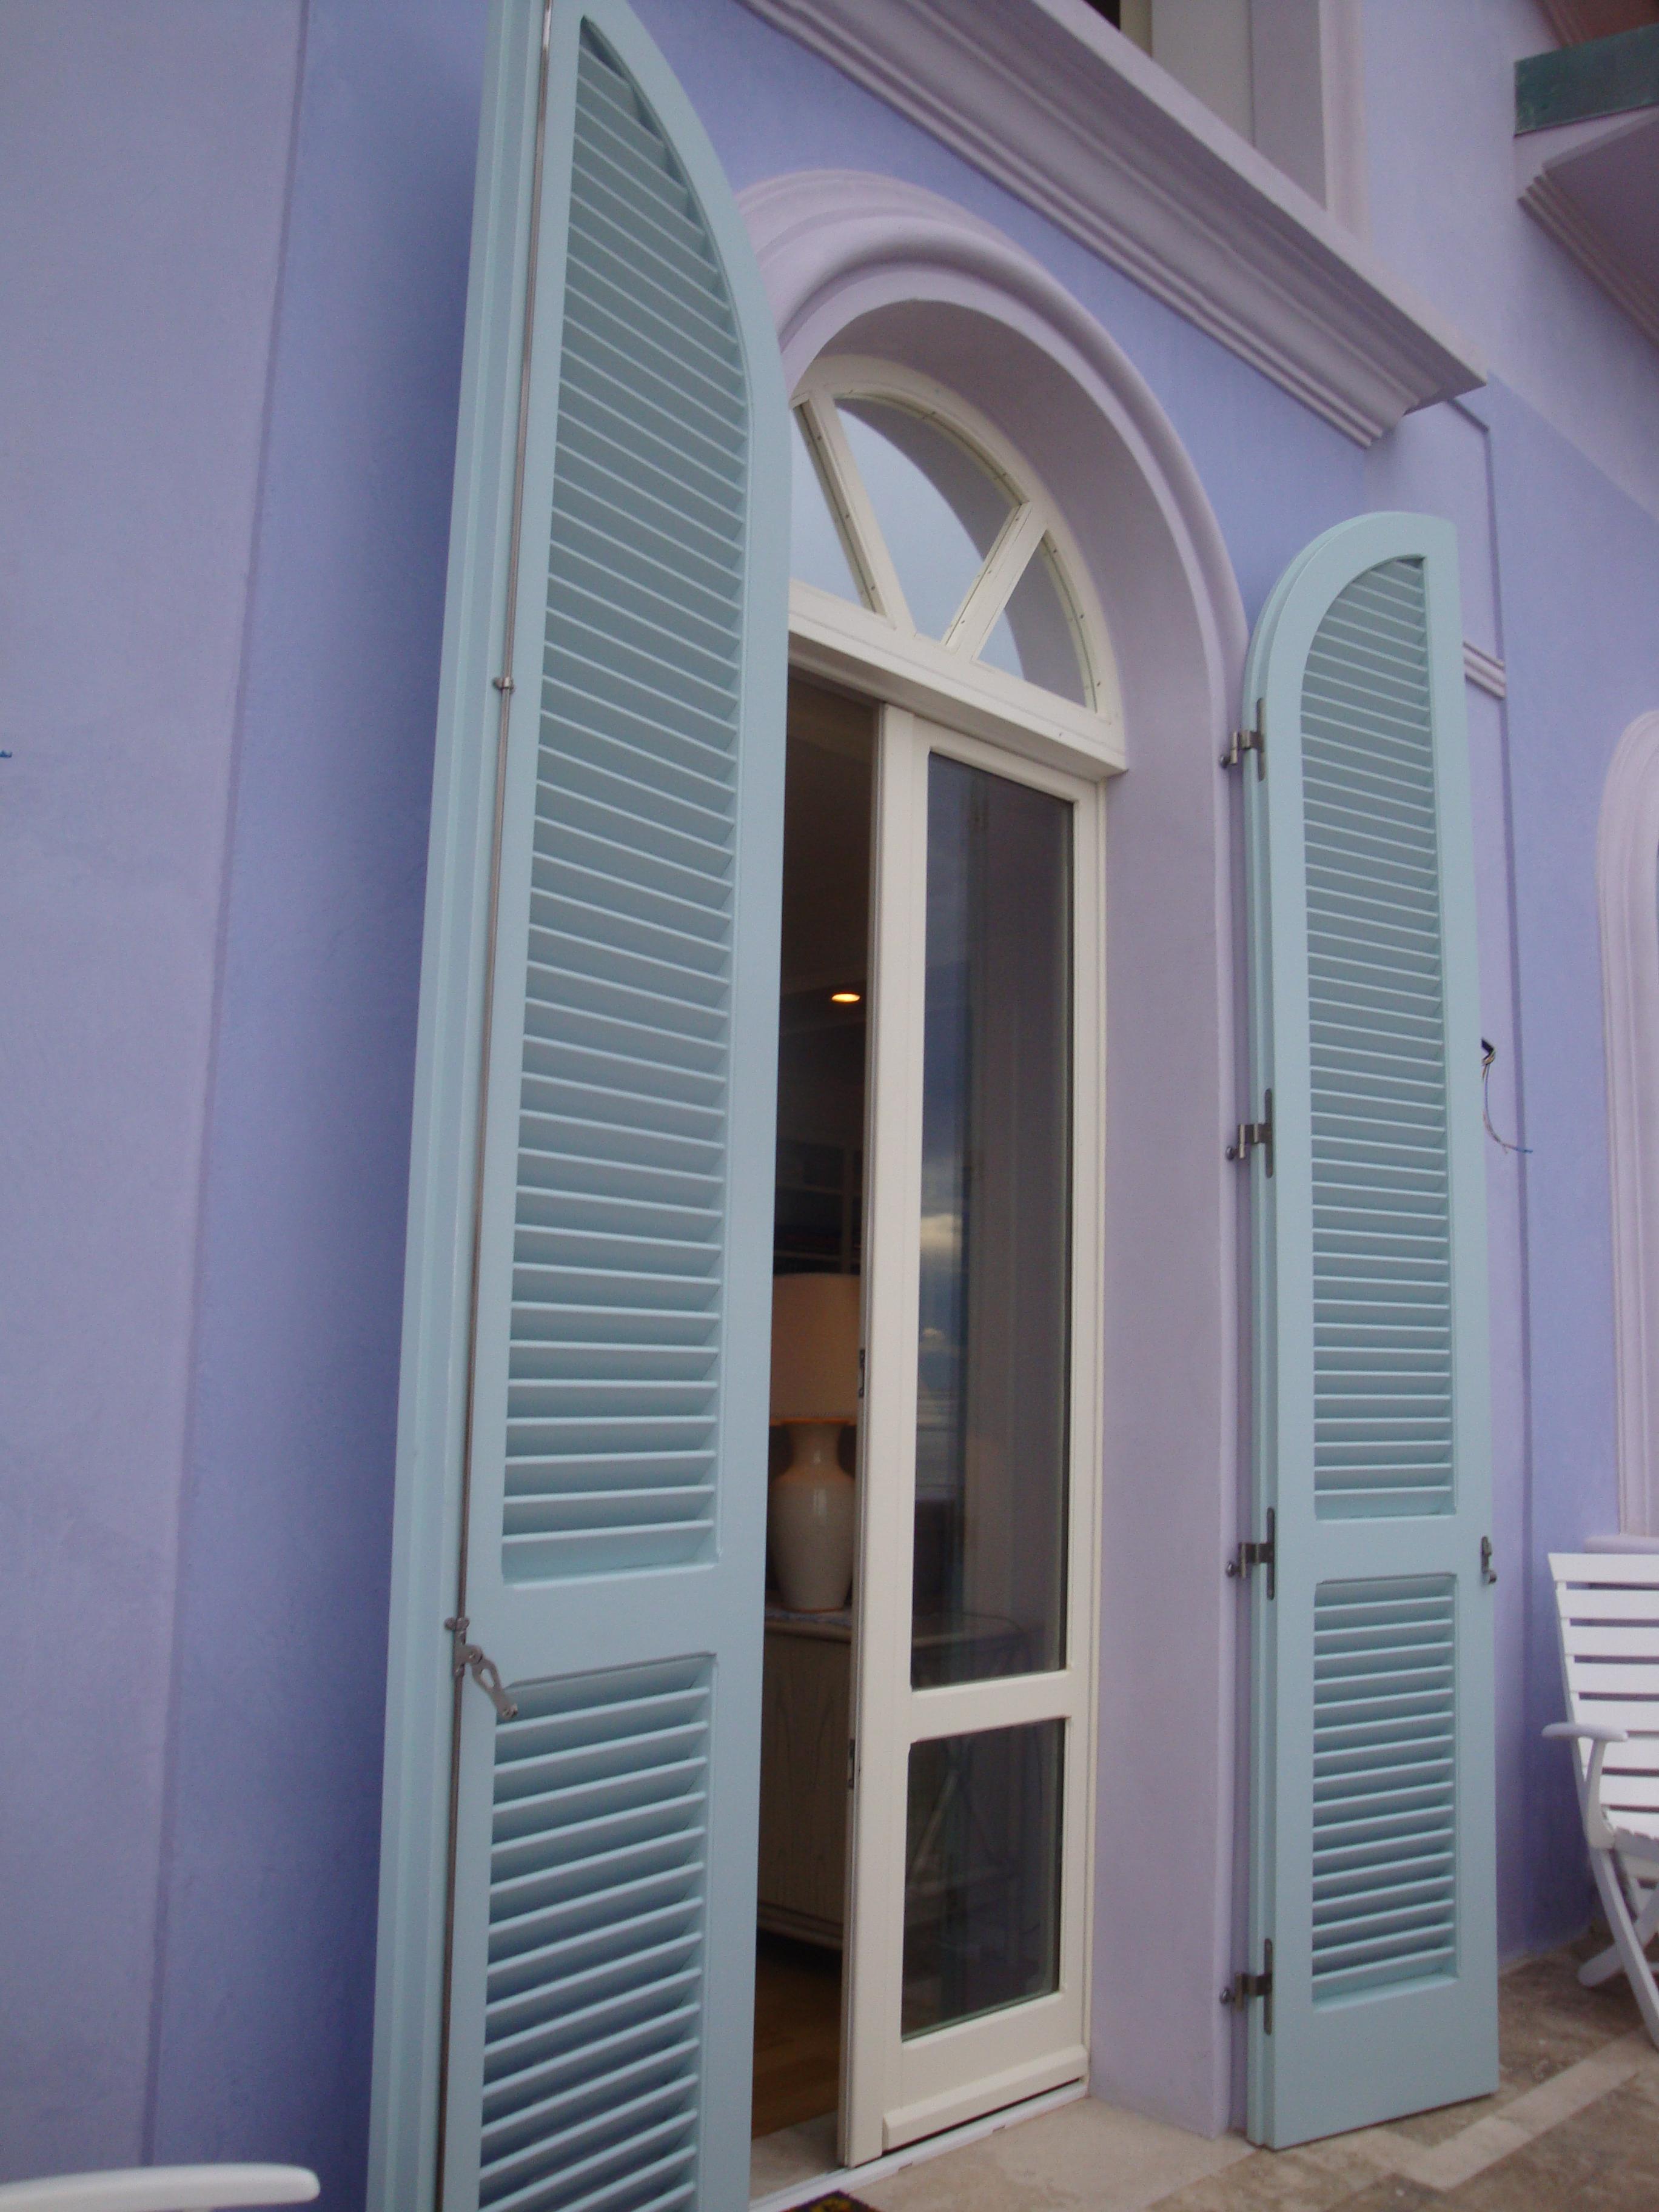 Finestre garden house lazzerini - Finestre ad arco ...